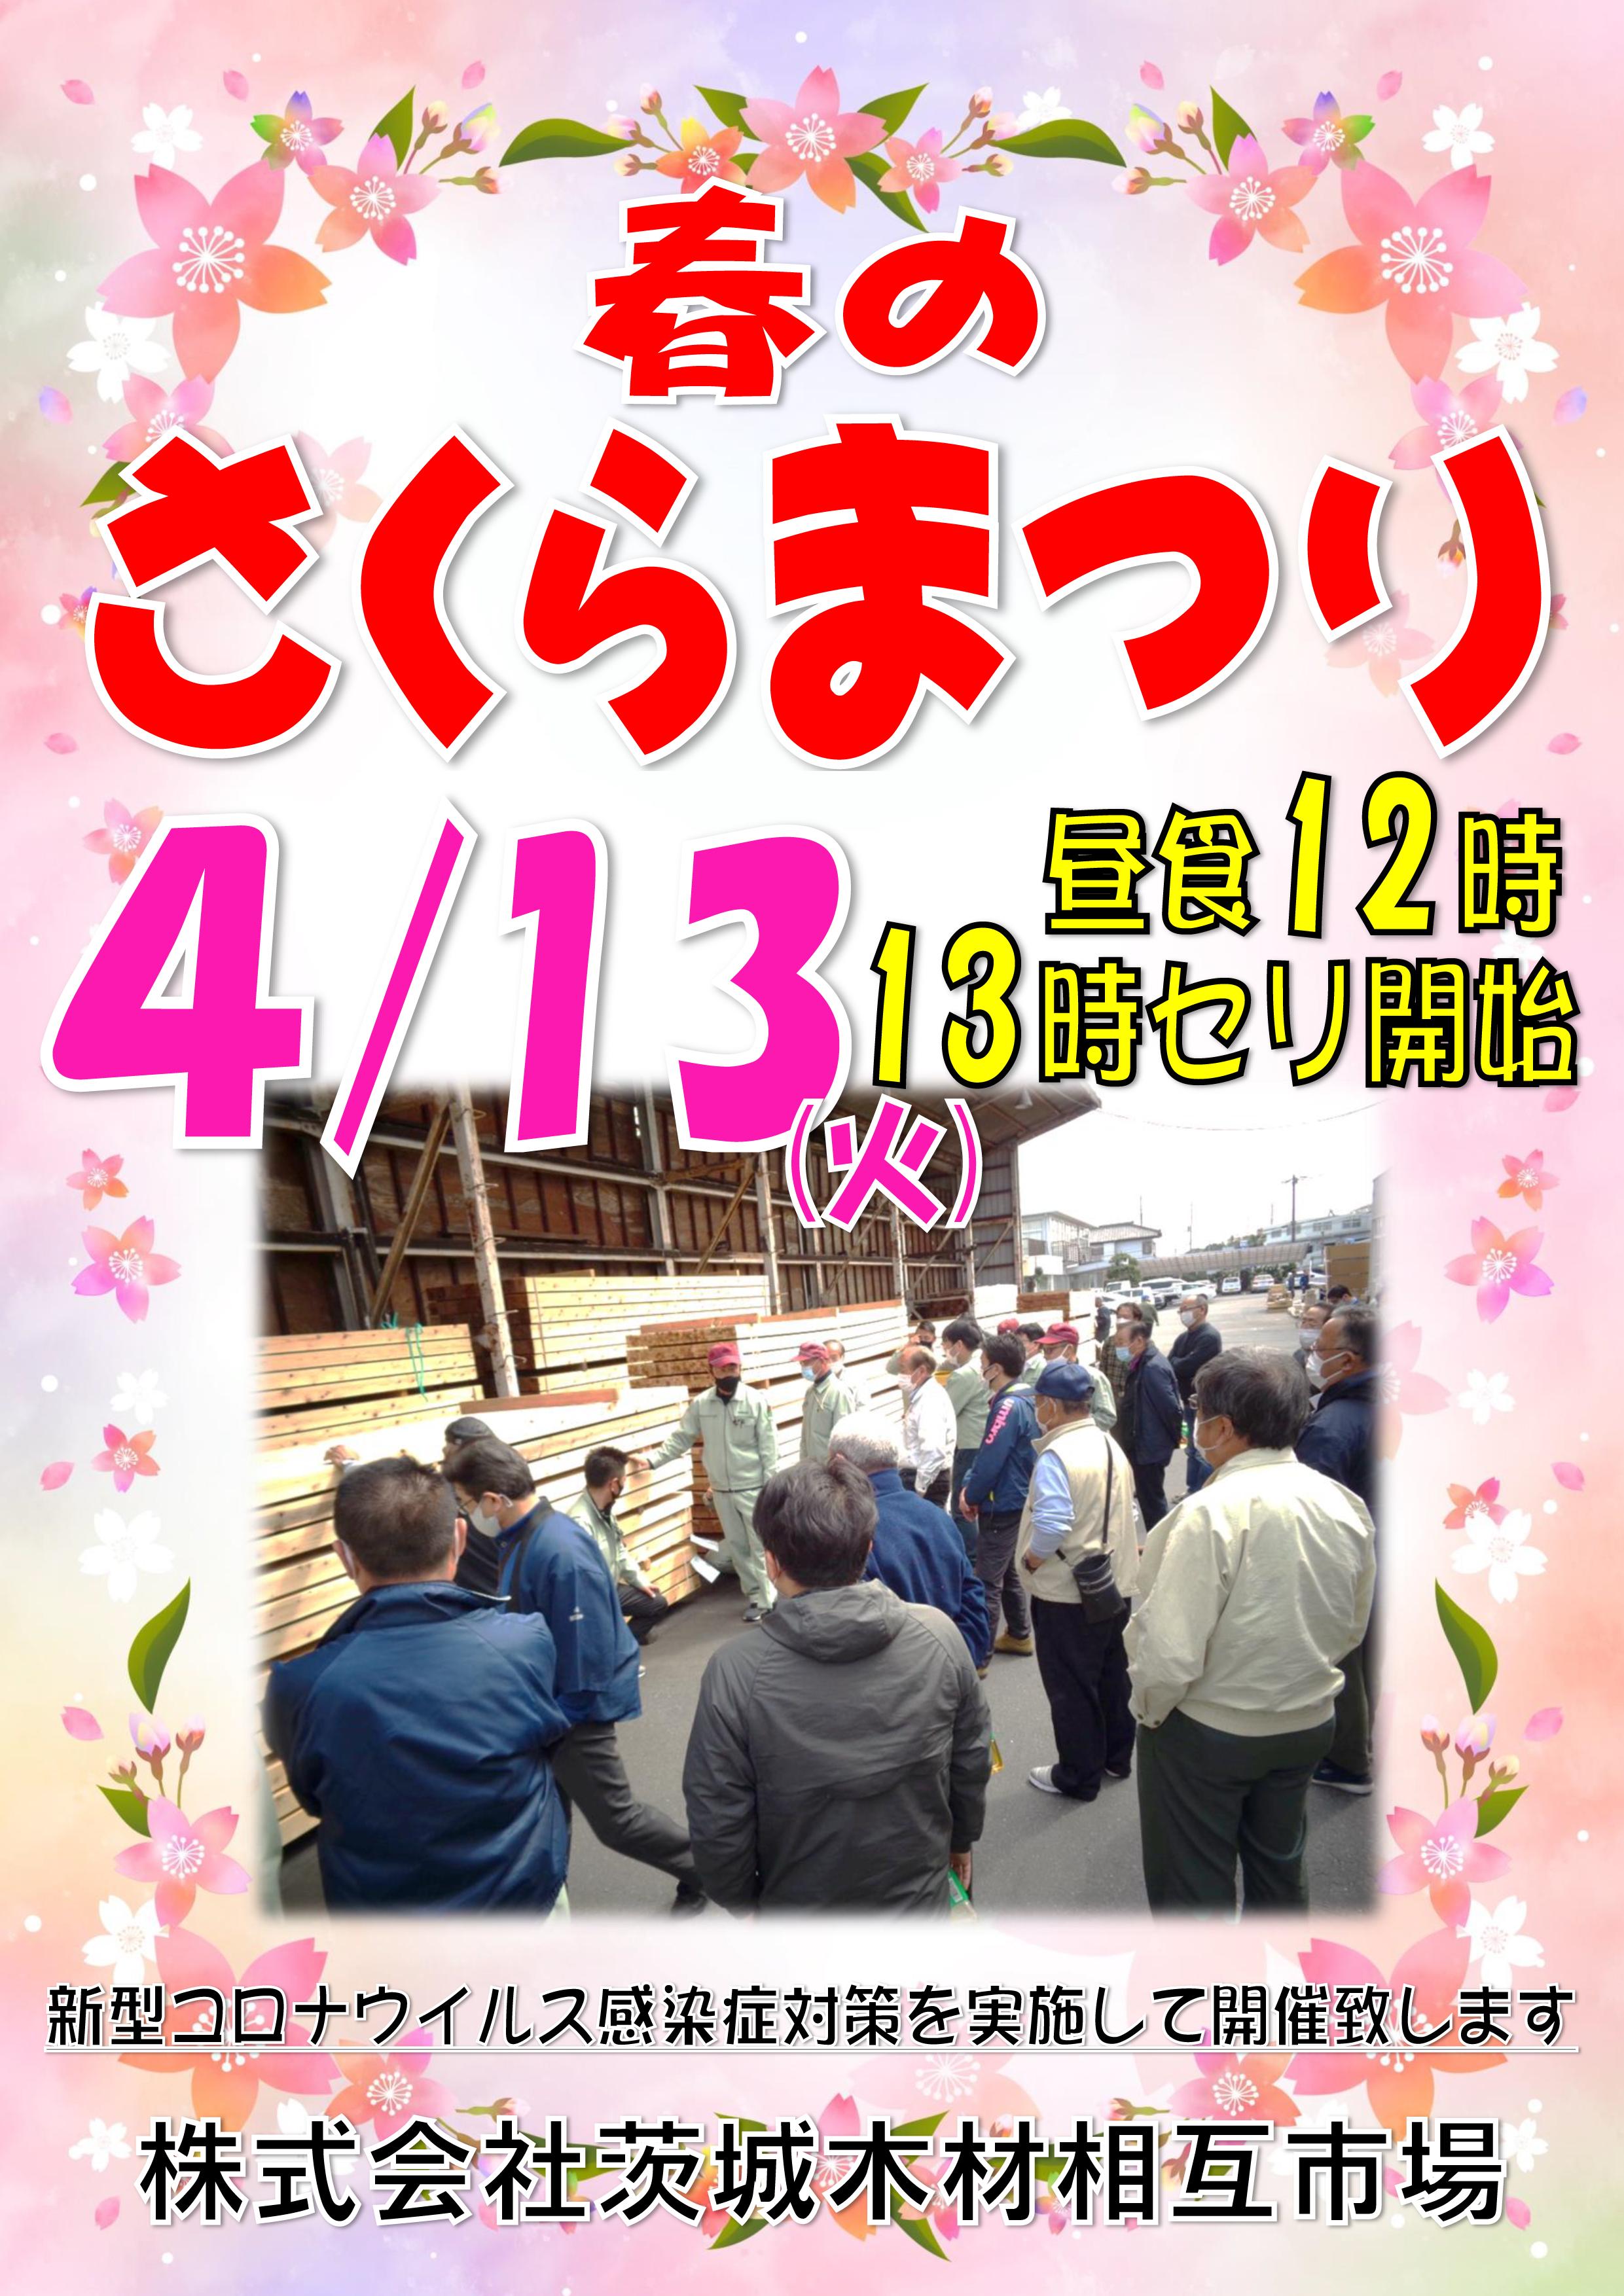 次回の記念市「春の桜まつり」のお知らせ